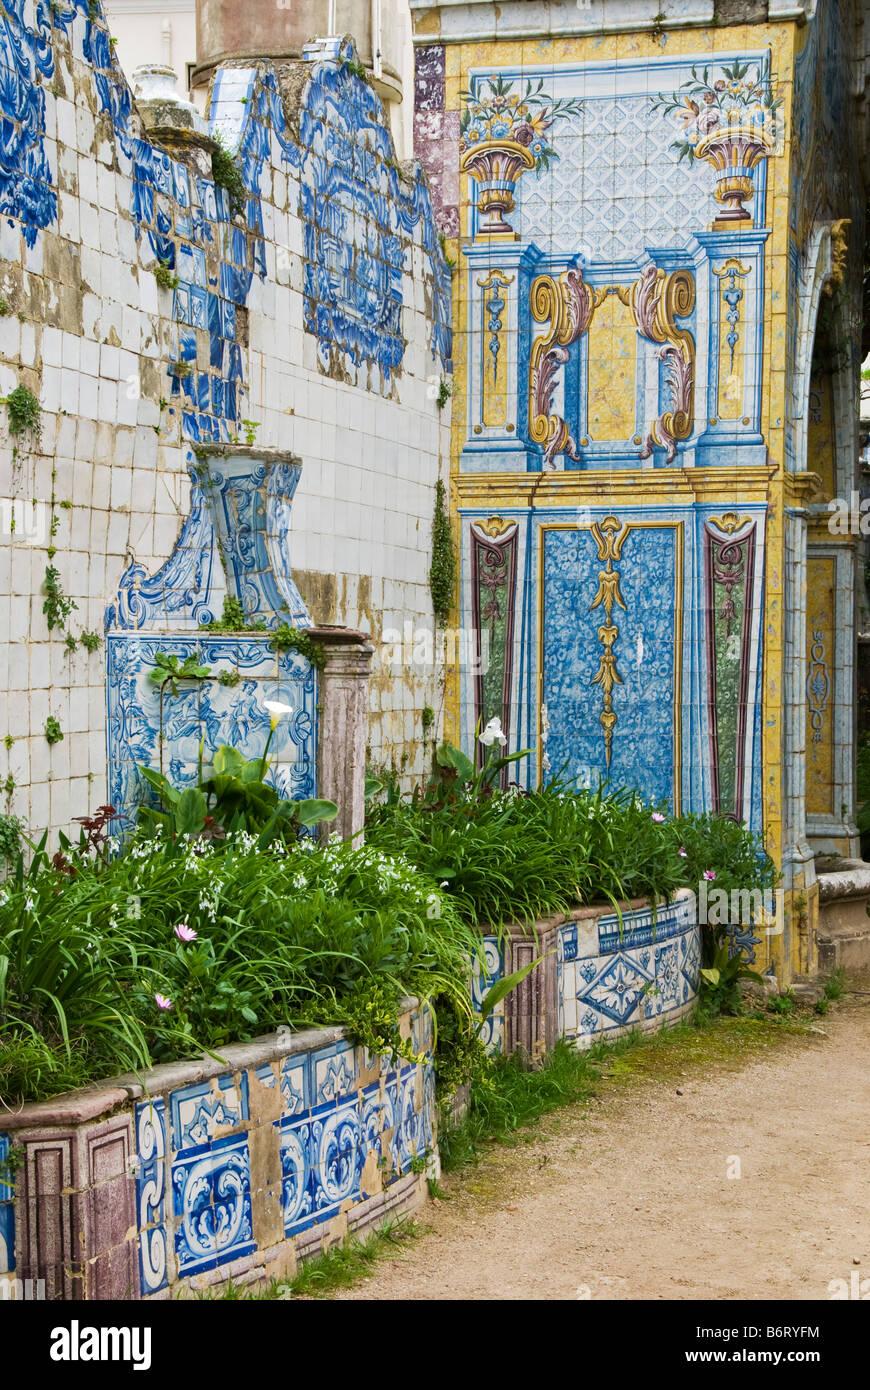 The quinta dos azulejos lisbon portugal an 18c garden for Casa dos azulejos lisboa